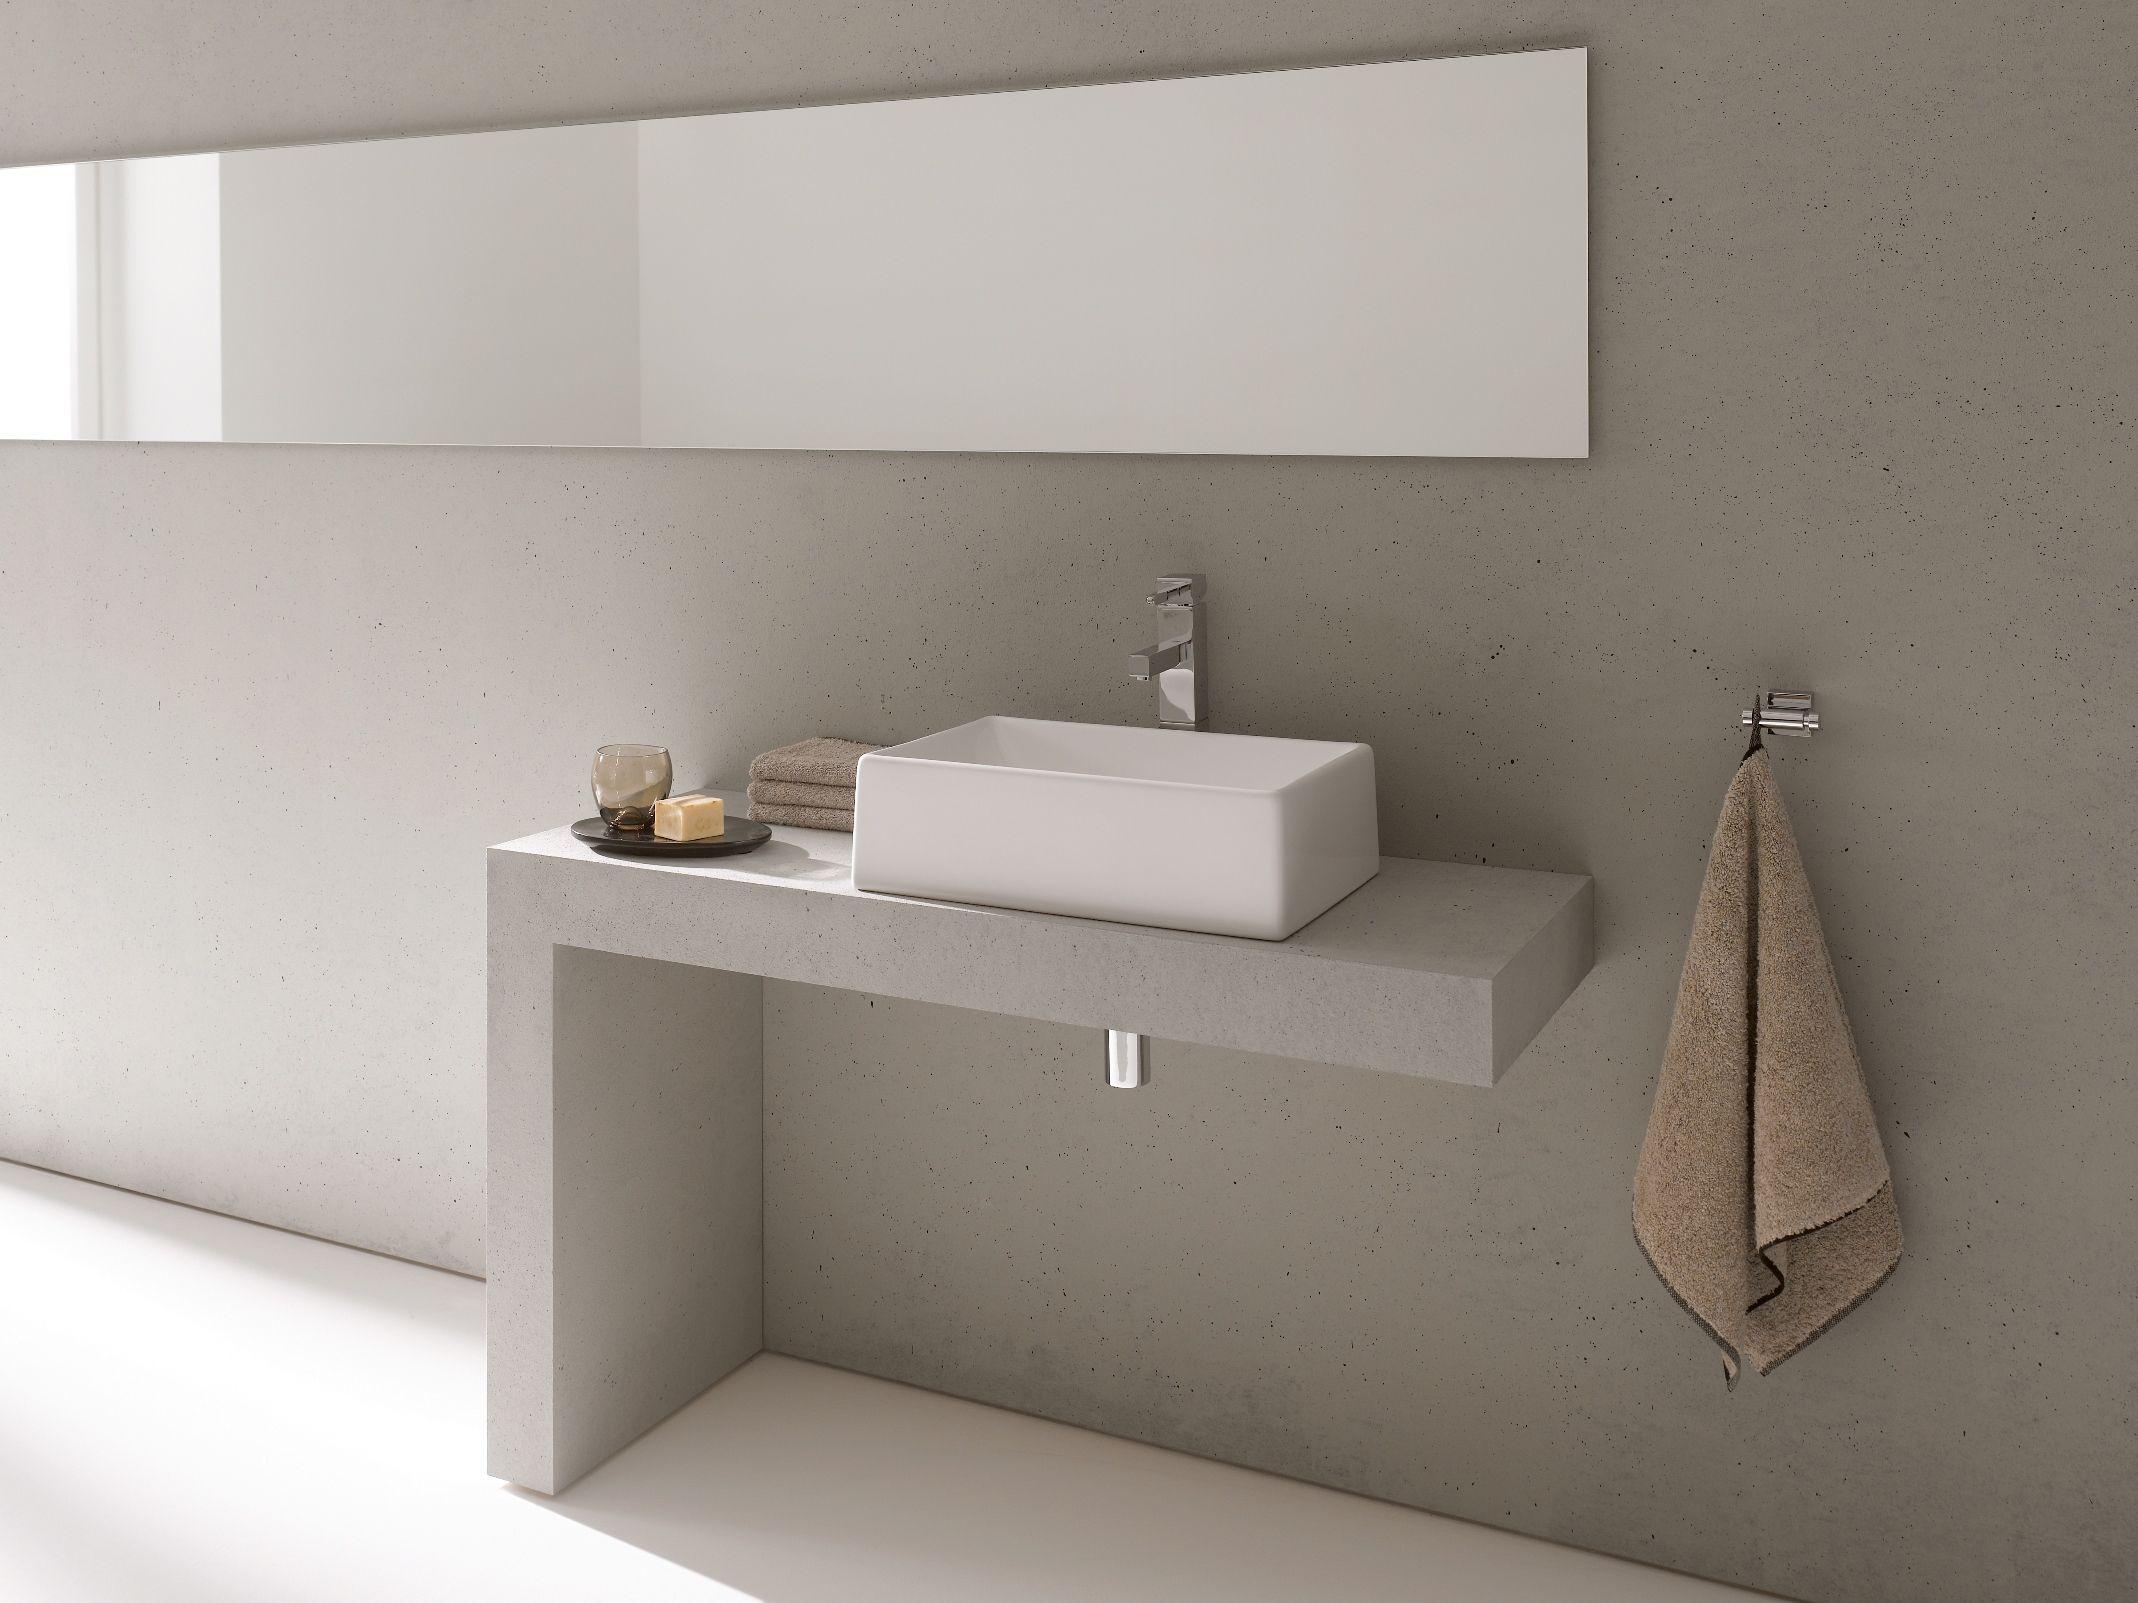 sphinx 420 badkamerserie eenvoud siert badkamers sanitair